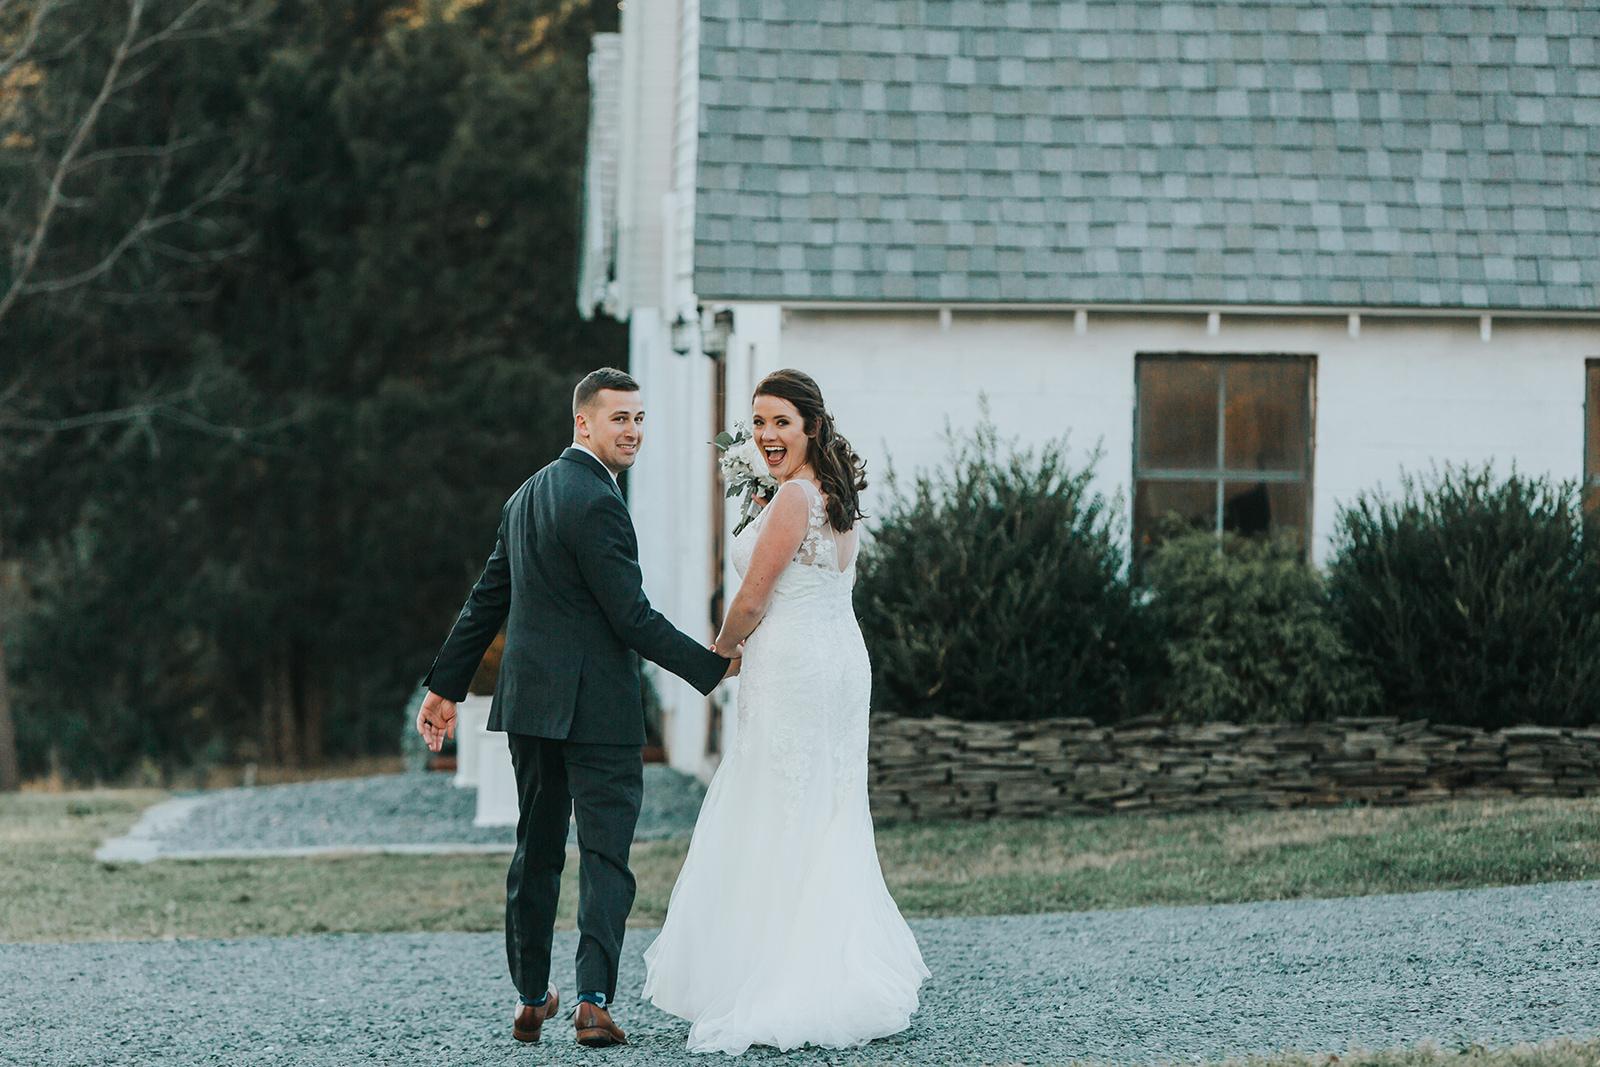 brielle-davis-events-48-fields-wedding-0245.jpg